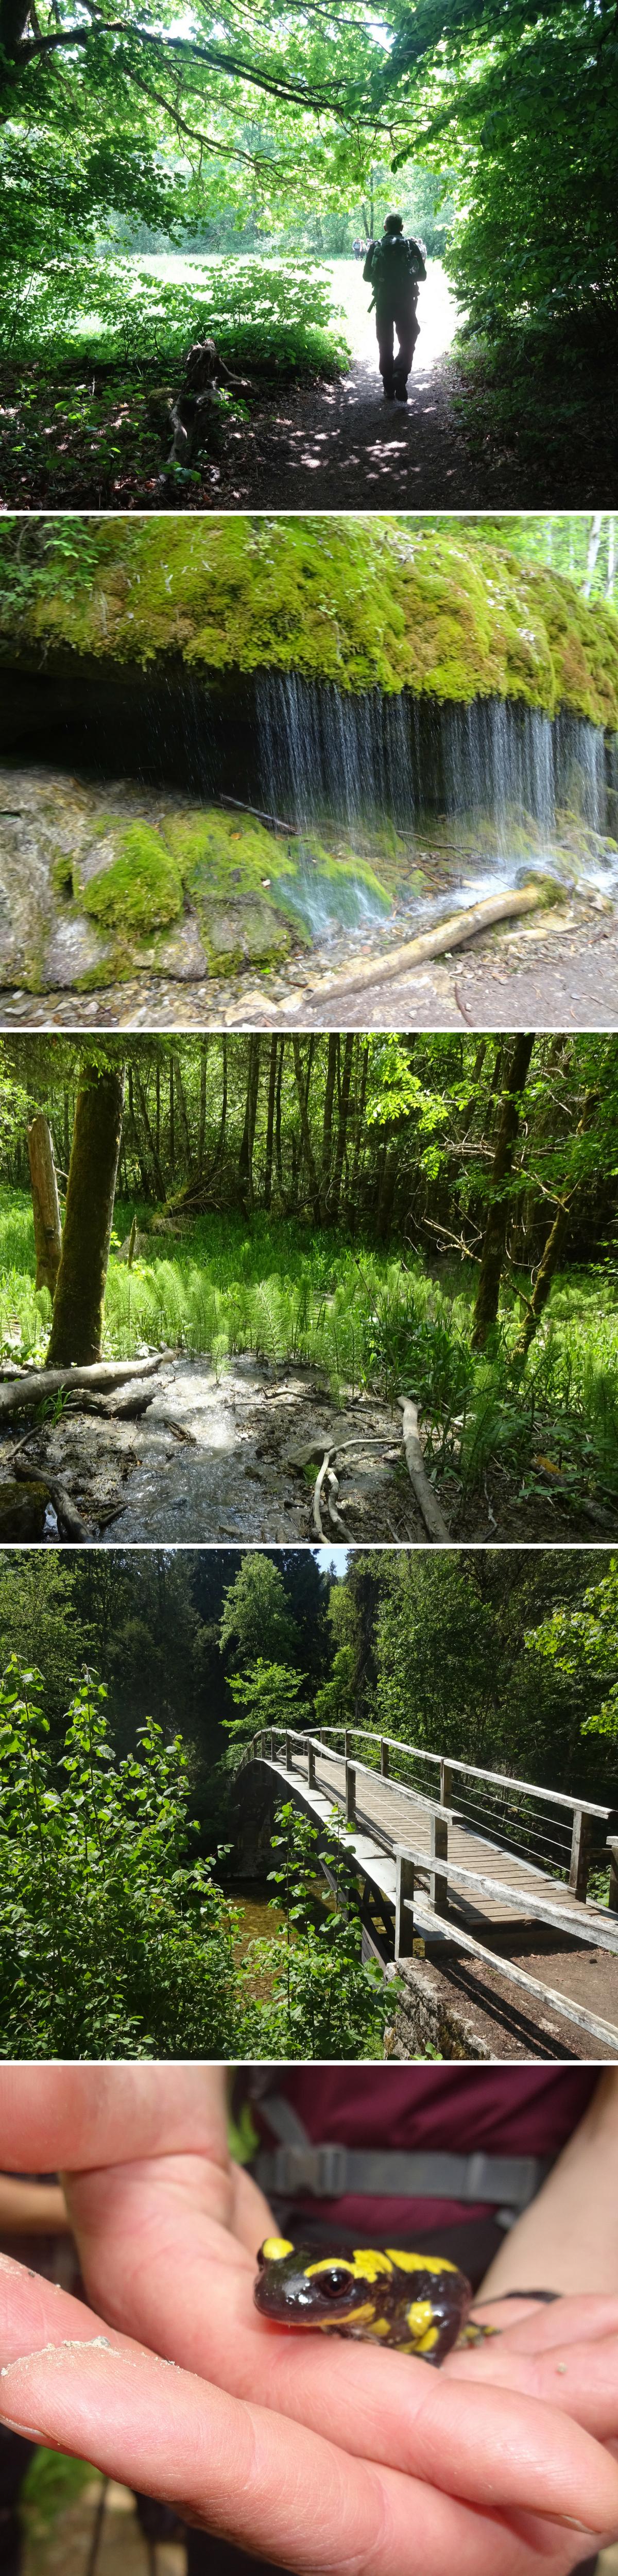 Hiking Wutachschlucht